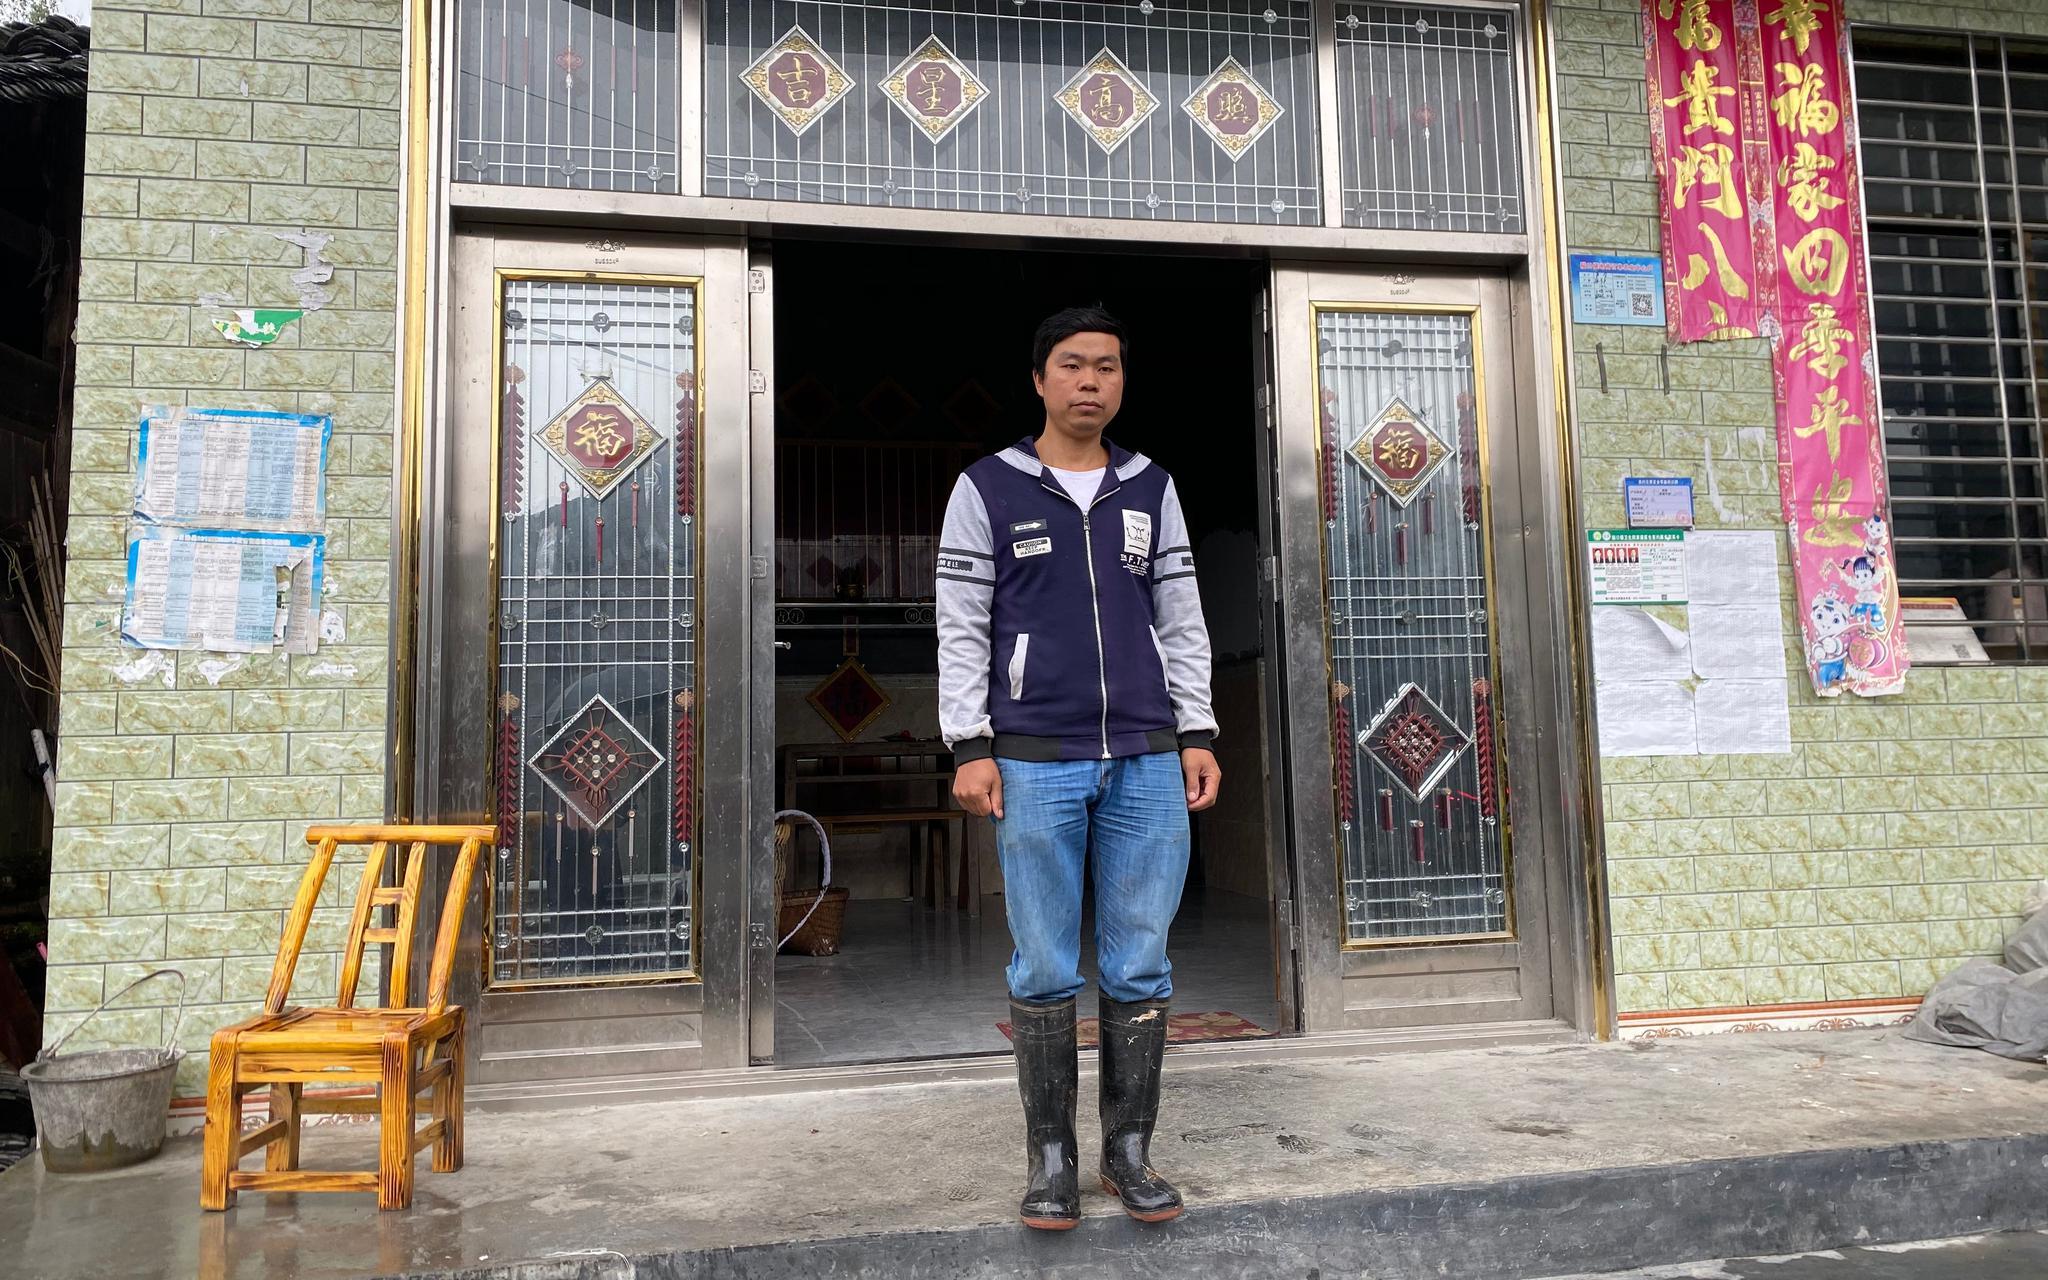 关注扶贫月丨重庆隘口镇上的电商物流体系 快递费每单不到3元